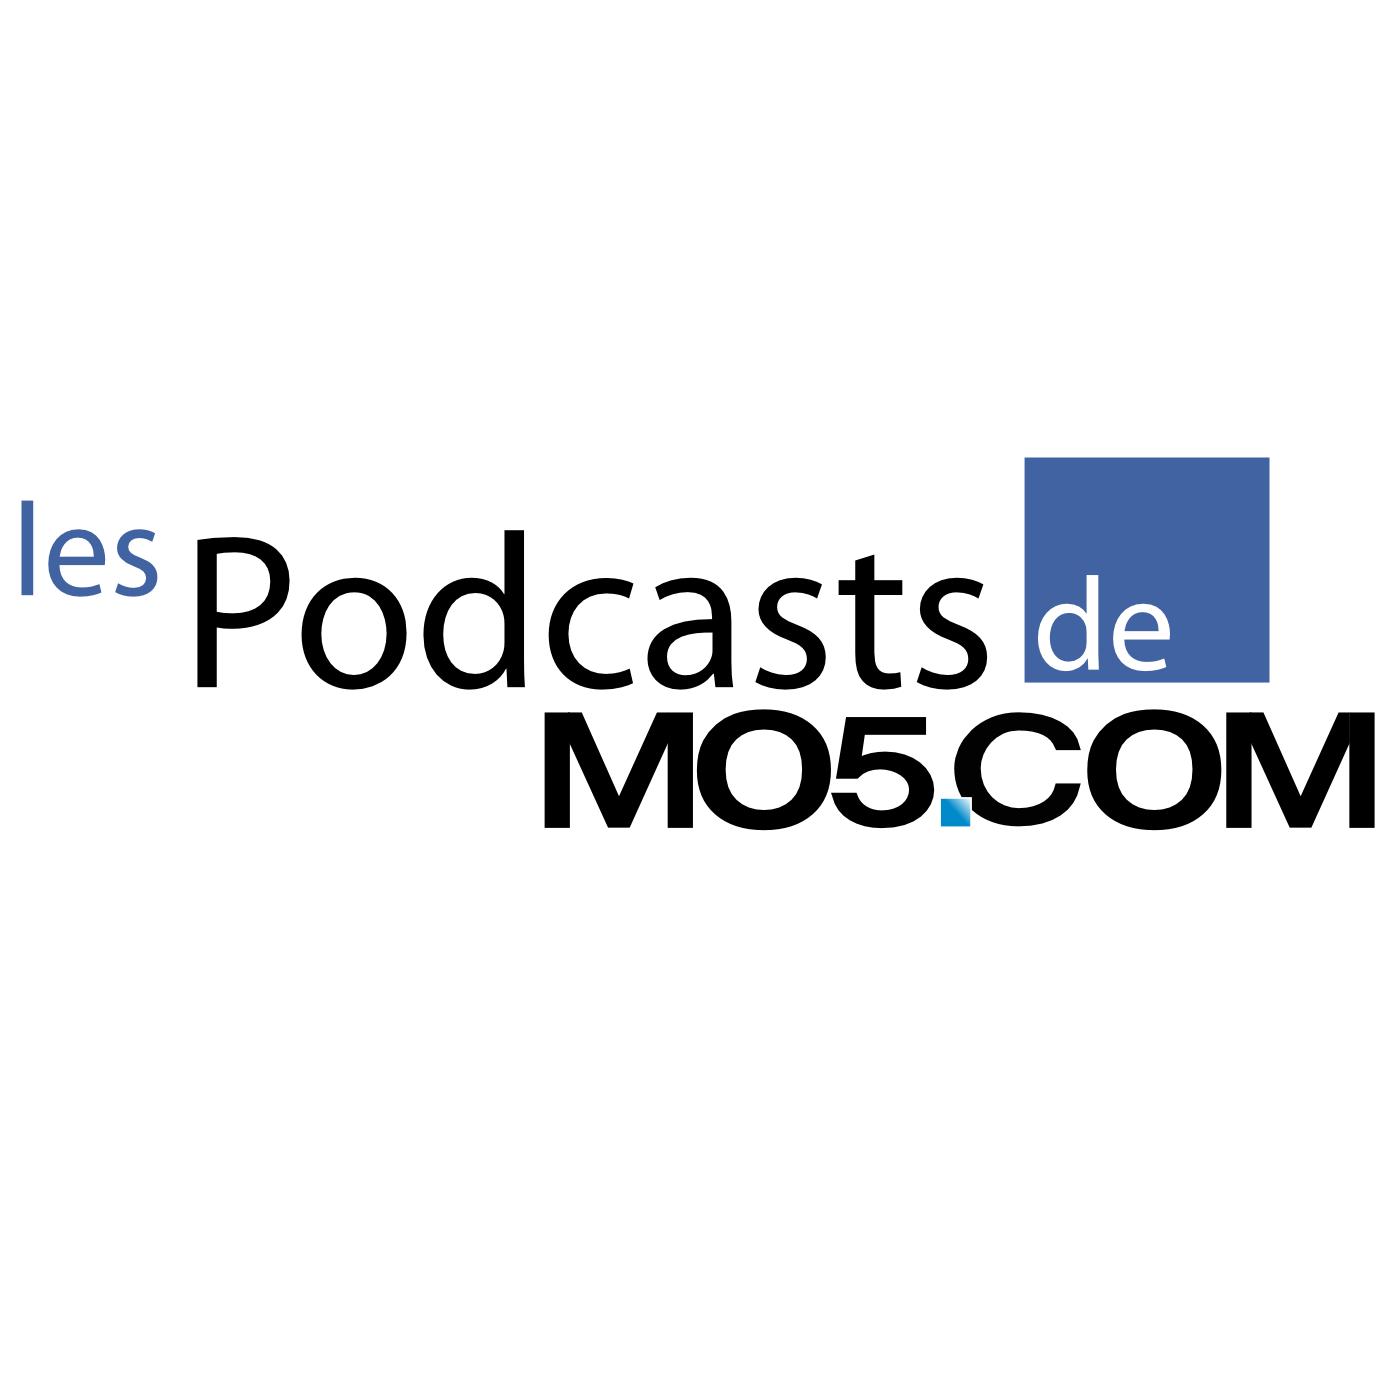 Les podcasts de MO5.COM